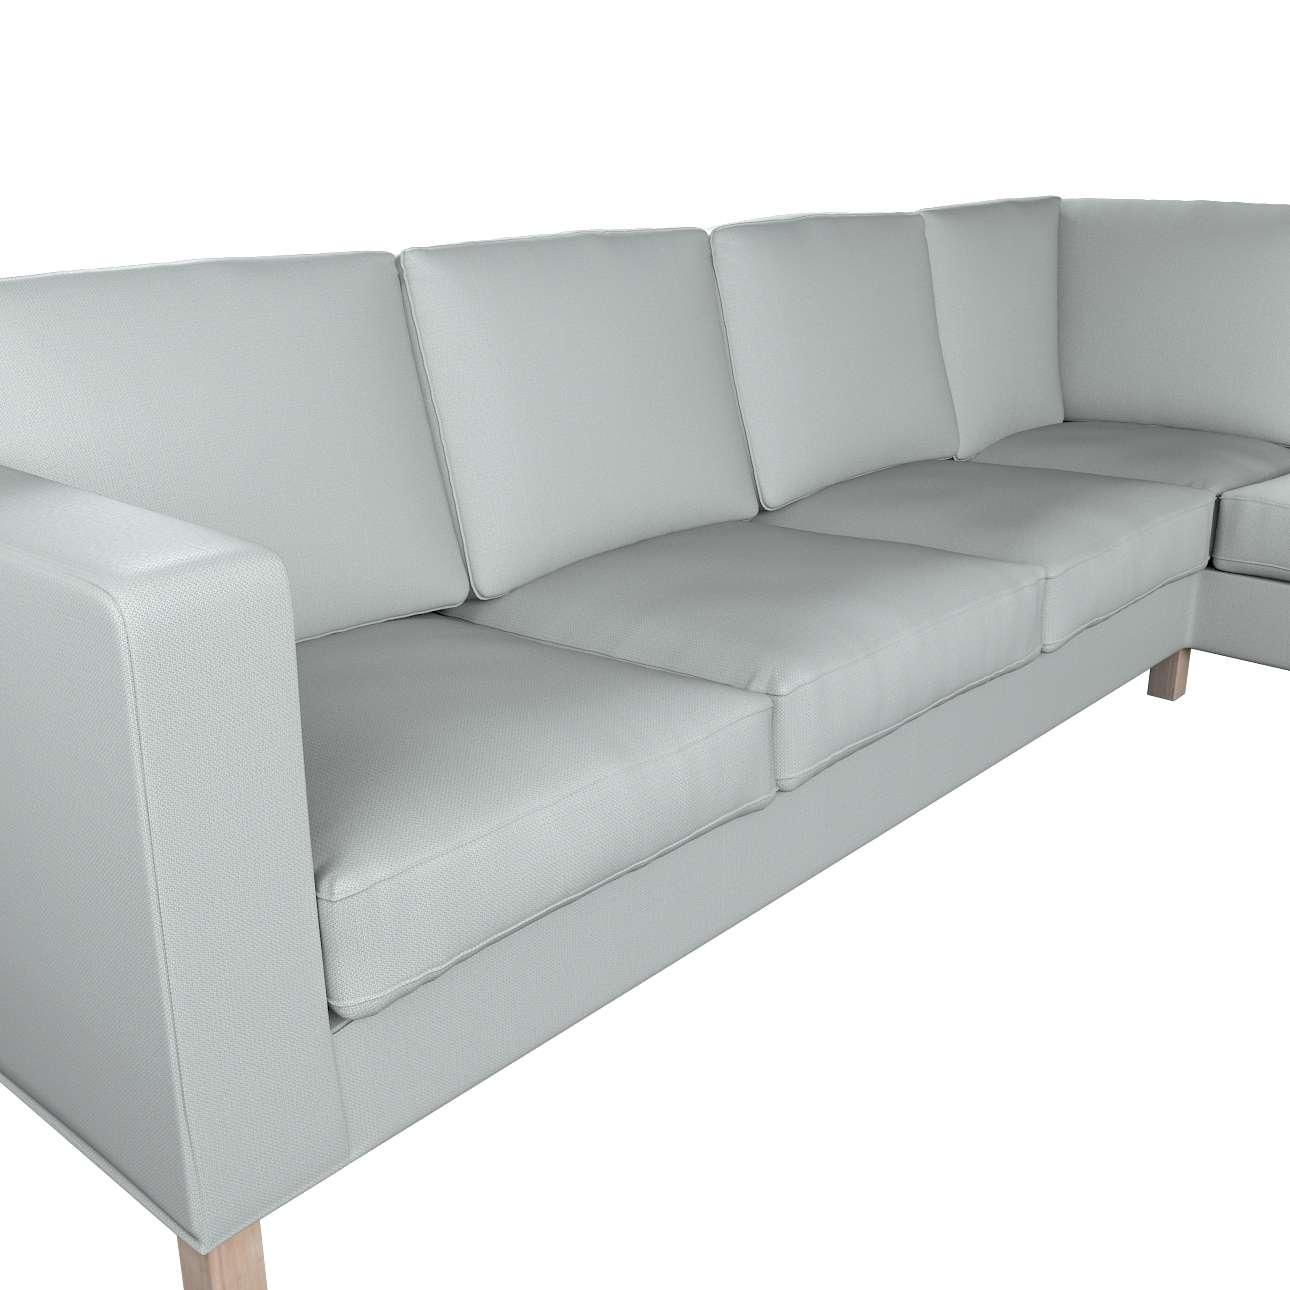 Pokrowiec na sofę narożną lewostronną Karlanda w kolekcji Bergen, tkanina: 161-72